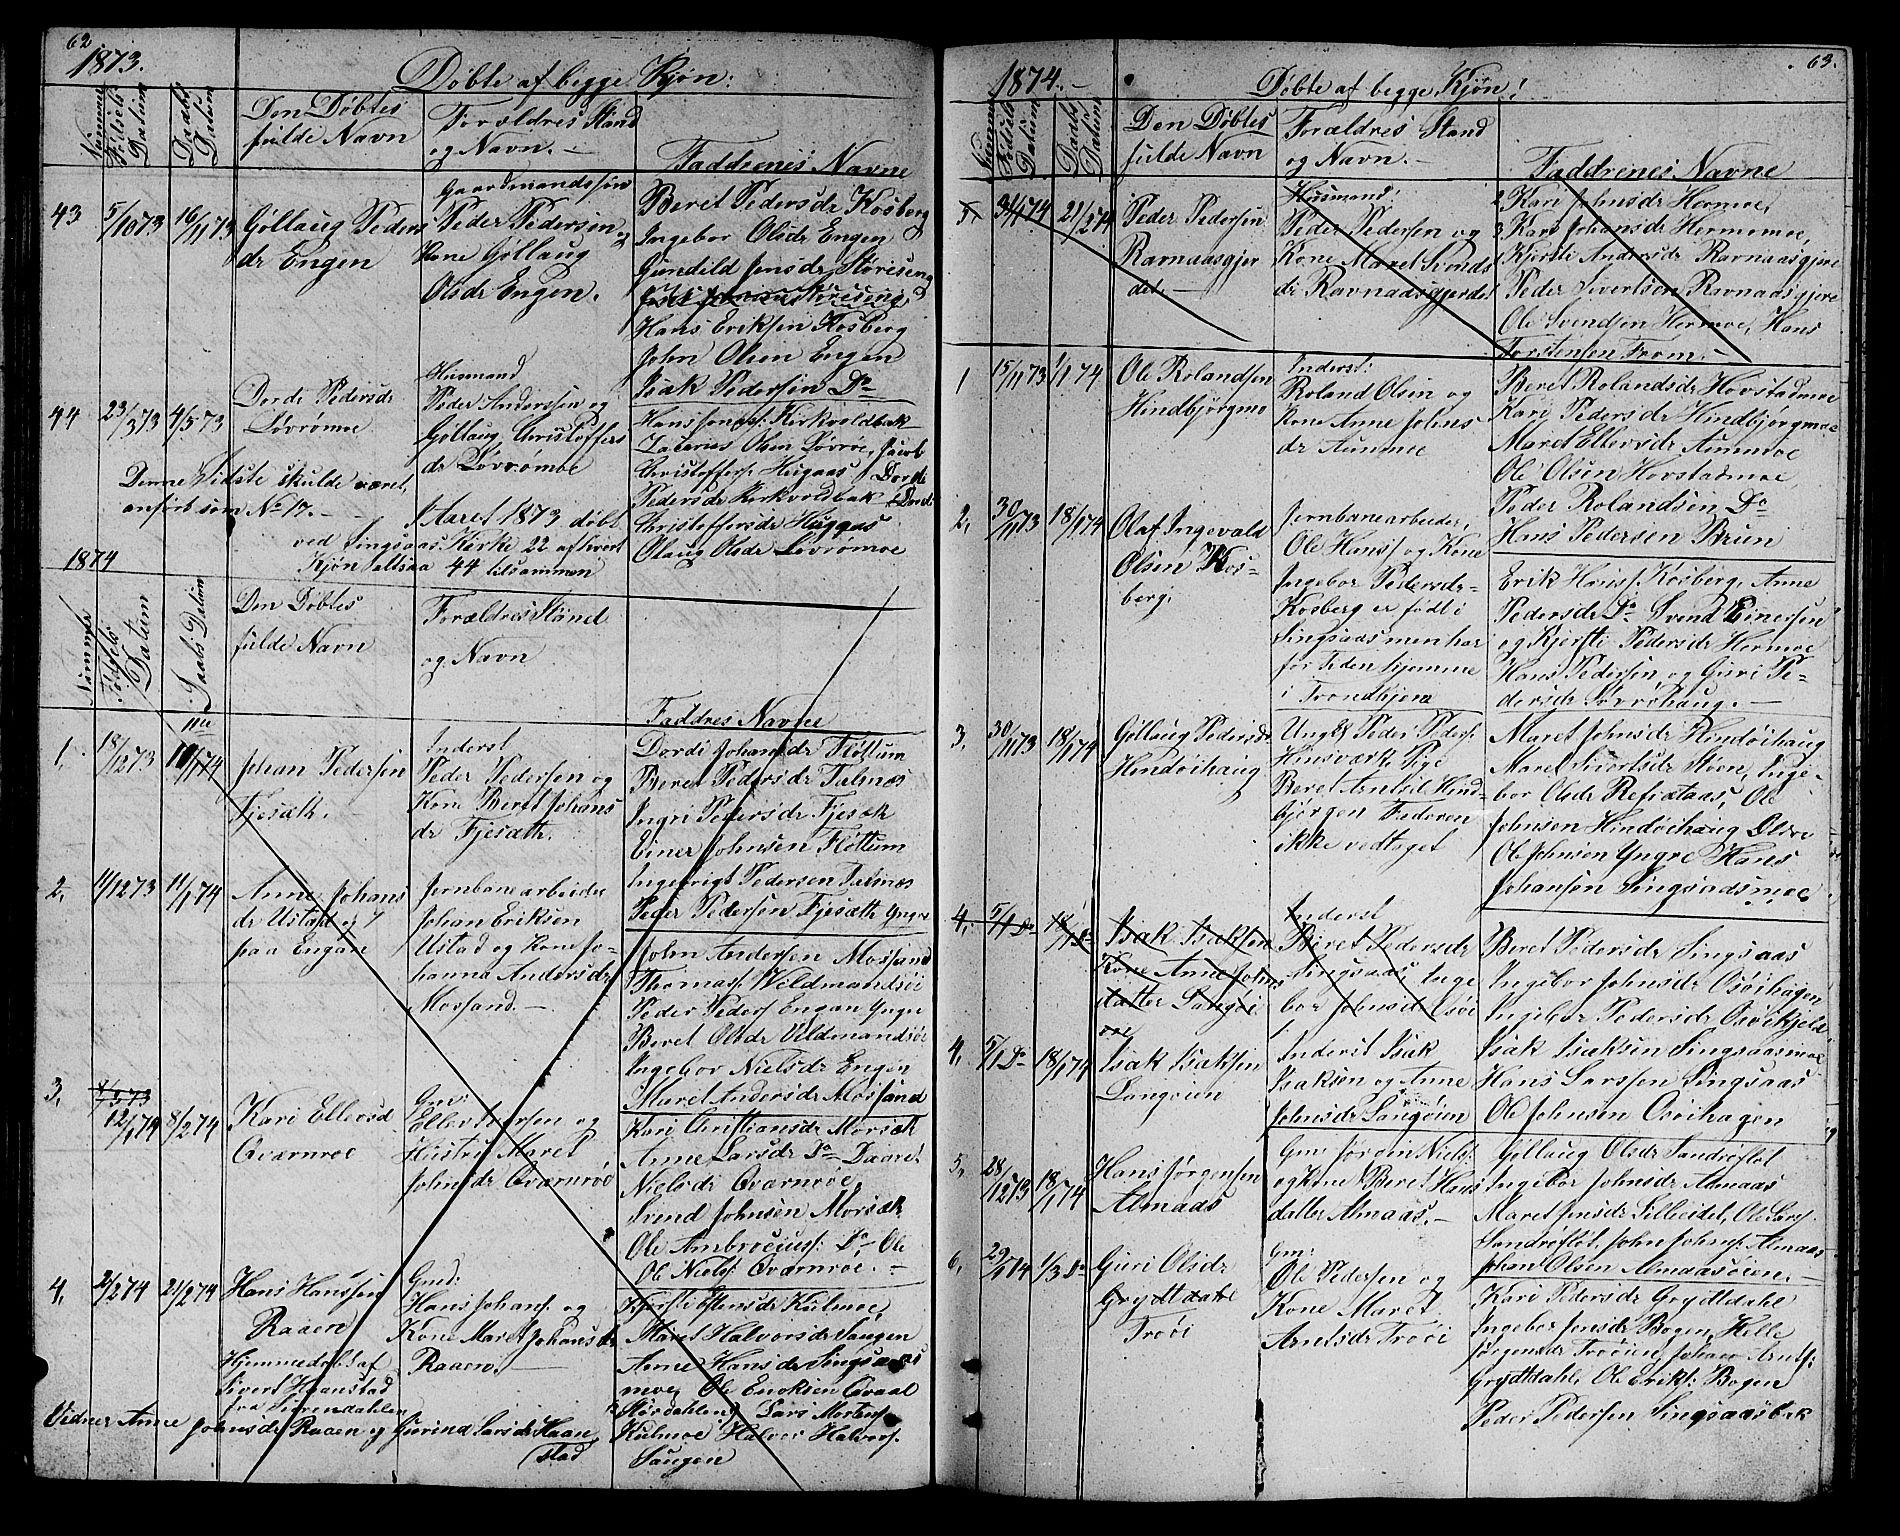 SAT, Ministerialprotokoller, klokkerbøker og fødselsregistre - Sør-Trøndelag, 688/L1027: Klokkerbok nr. 688C02, 1861-1889, s. 62-63